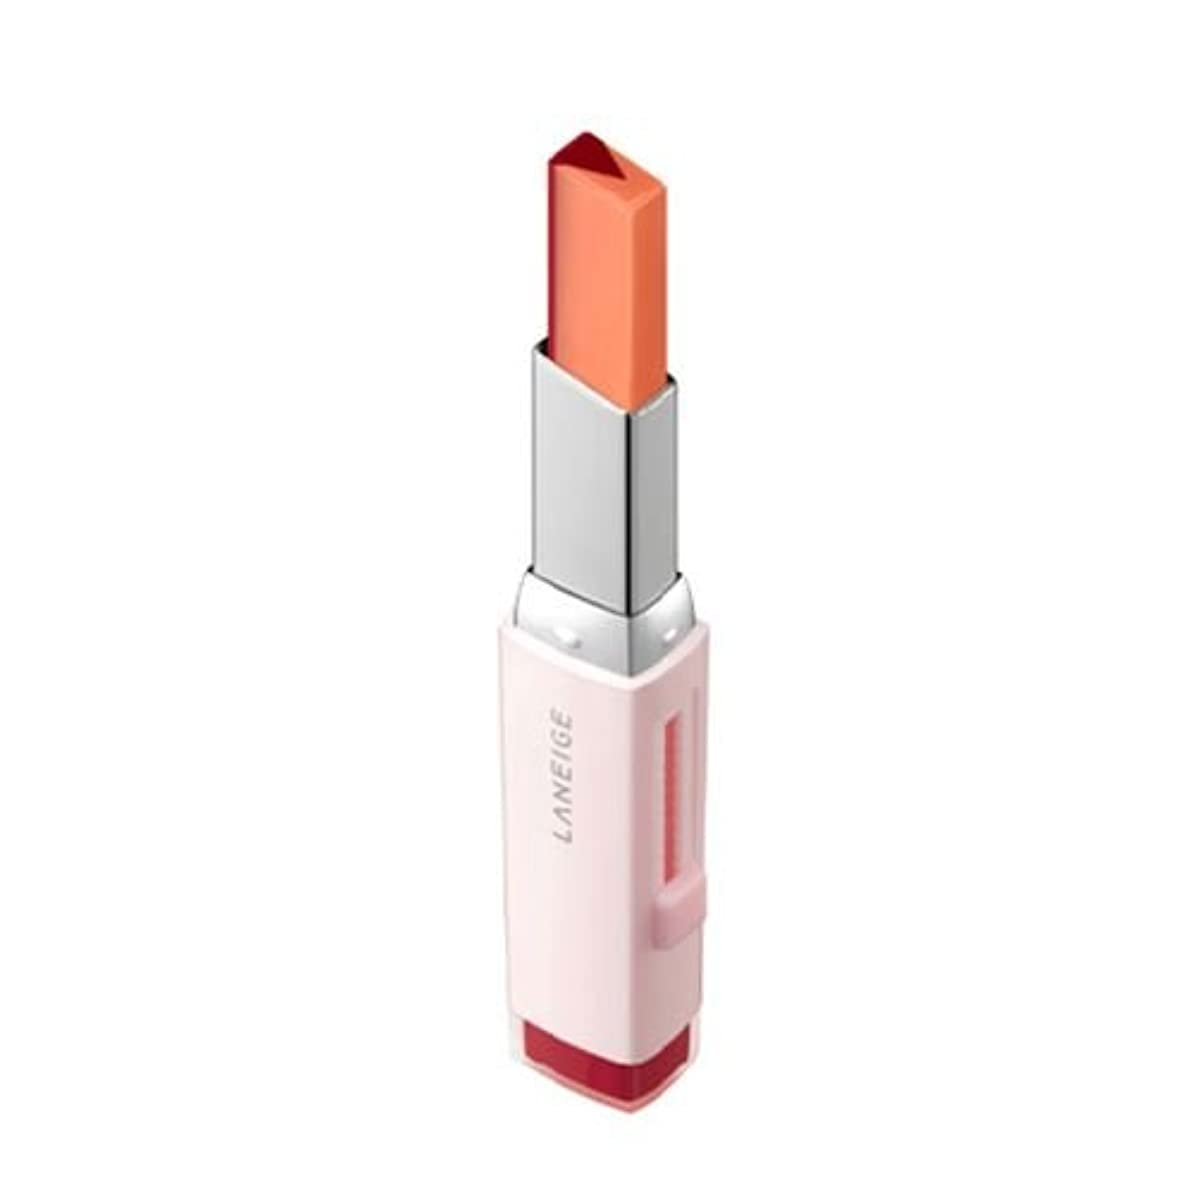 参照する流すバルブ[New] LANEIGE Two Tone Tint Lip Bar 2g/ラネージュ ツー トーン ティント リップ バー 2g (#05 Apple Jello) [並行輸入品]